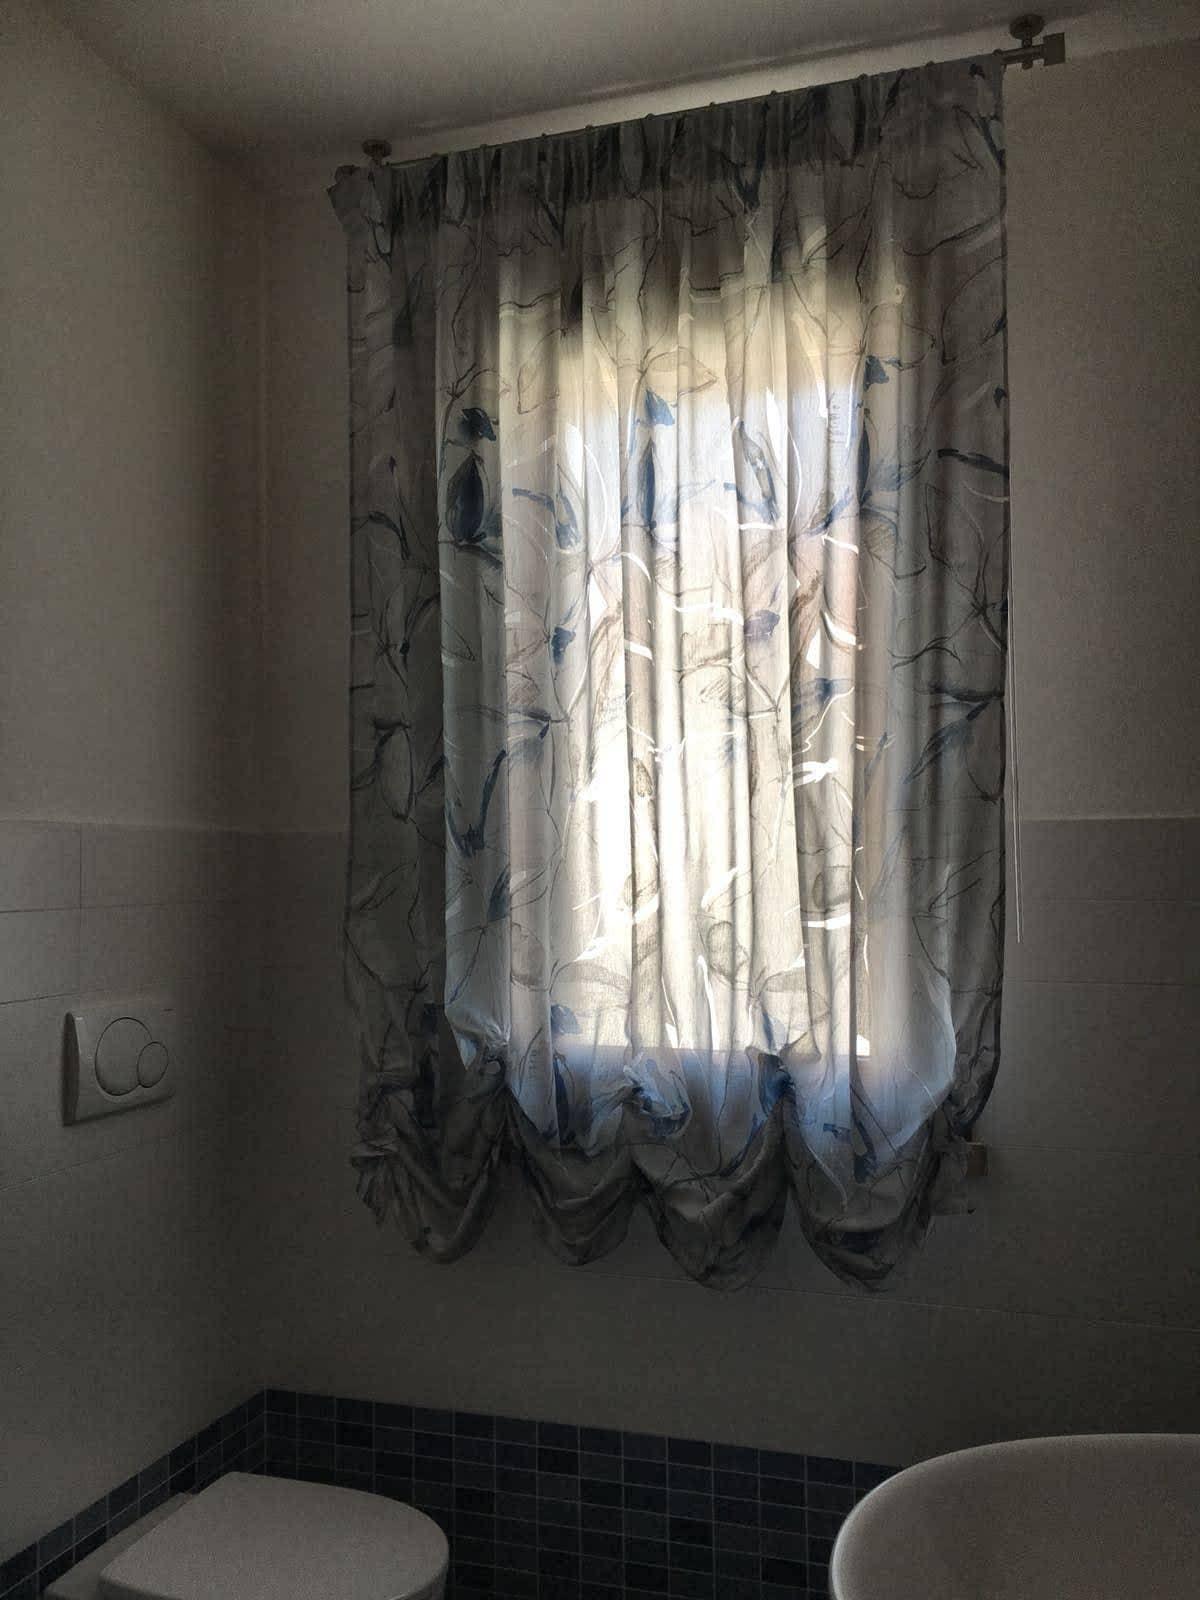 Tende misure standard · tende a rullo · tende veneziane · tendine per finestre · accessori per tende. Tende Per Finestre Del Bagno I Modelli Piu Pratici E Belli Gani